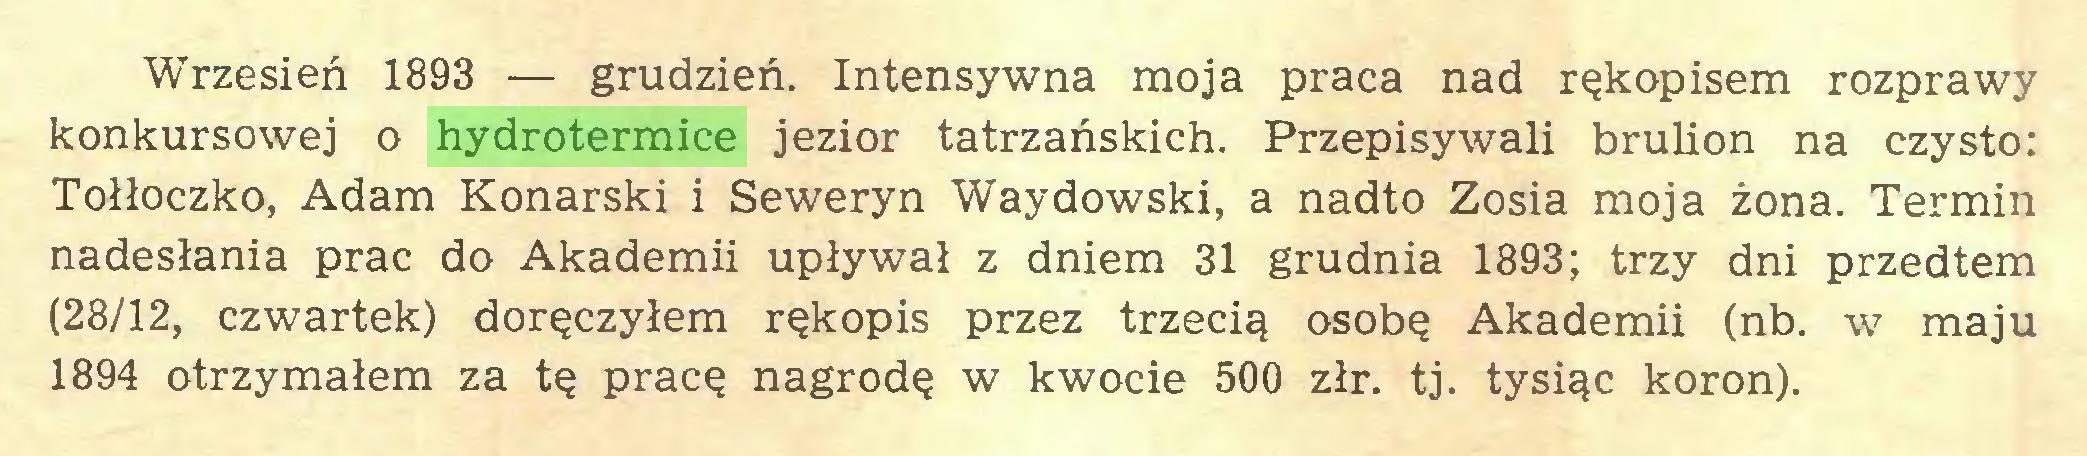 (...) Wrzesień 1893 — grudzień. Intensywna moja praca nad rękopisem rozprawy konkursowej o hydrotermice jezior tatrzańskich. Przepisywali brulion na czysto: Tołłoczko, Adam Konarski i Seweryn Waydowski, a nadto Zosia moja żona. Termin nadesłania prac do Akademii upływał z dniem 31 grudnia 1893; trzy dni przedtem (28/12, czwartek) doręczyłem rękopis przez trzecią osobę Akademii (nb. w maju 1894 otrzymałem za tę pracę nagrodę w kwocie 500 złr. tj. tysiąc koron)...